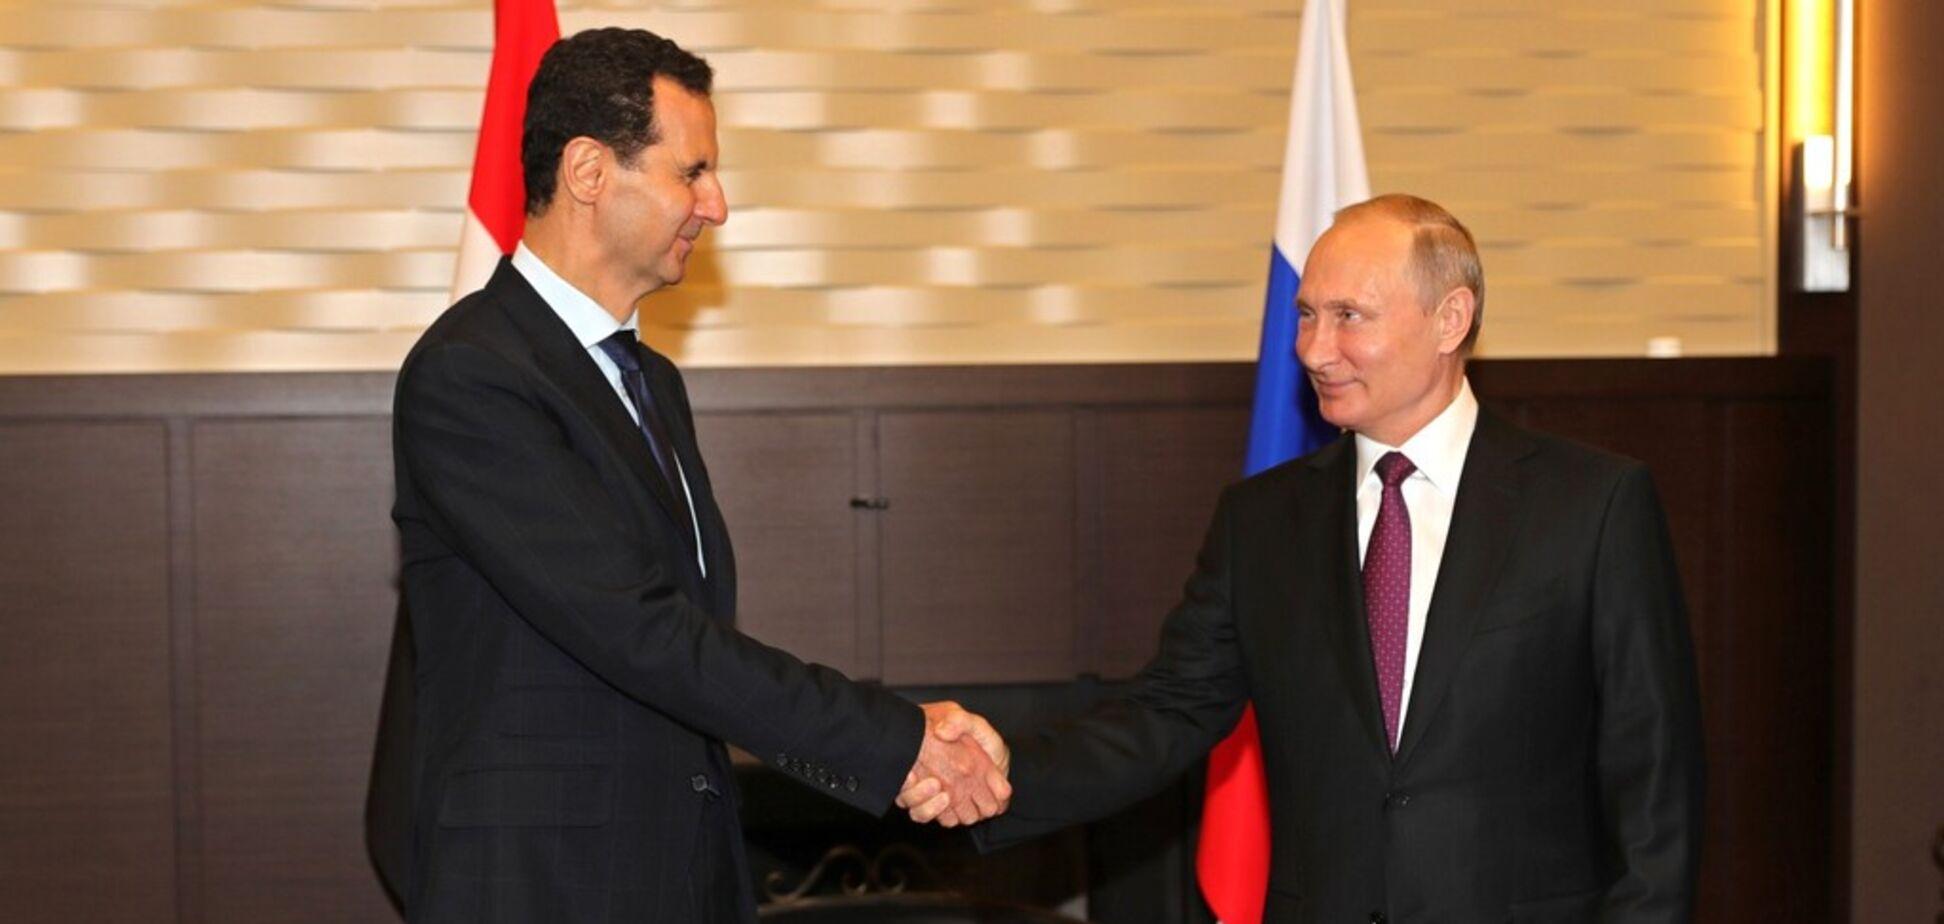 'Главный мясник': британский политик рассказал, почему Путин дружит с Сирией